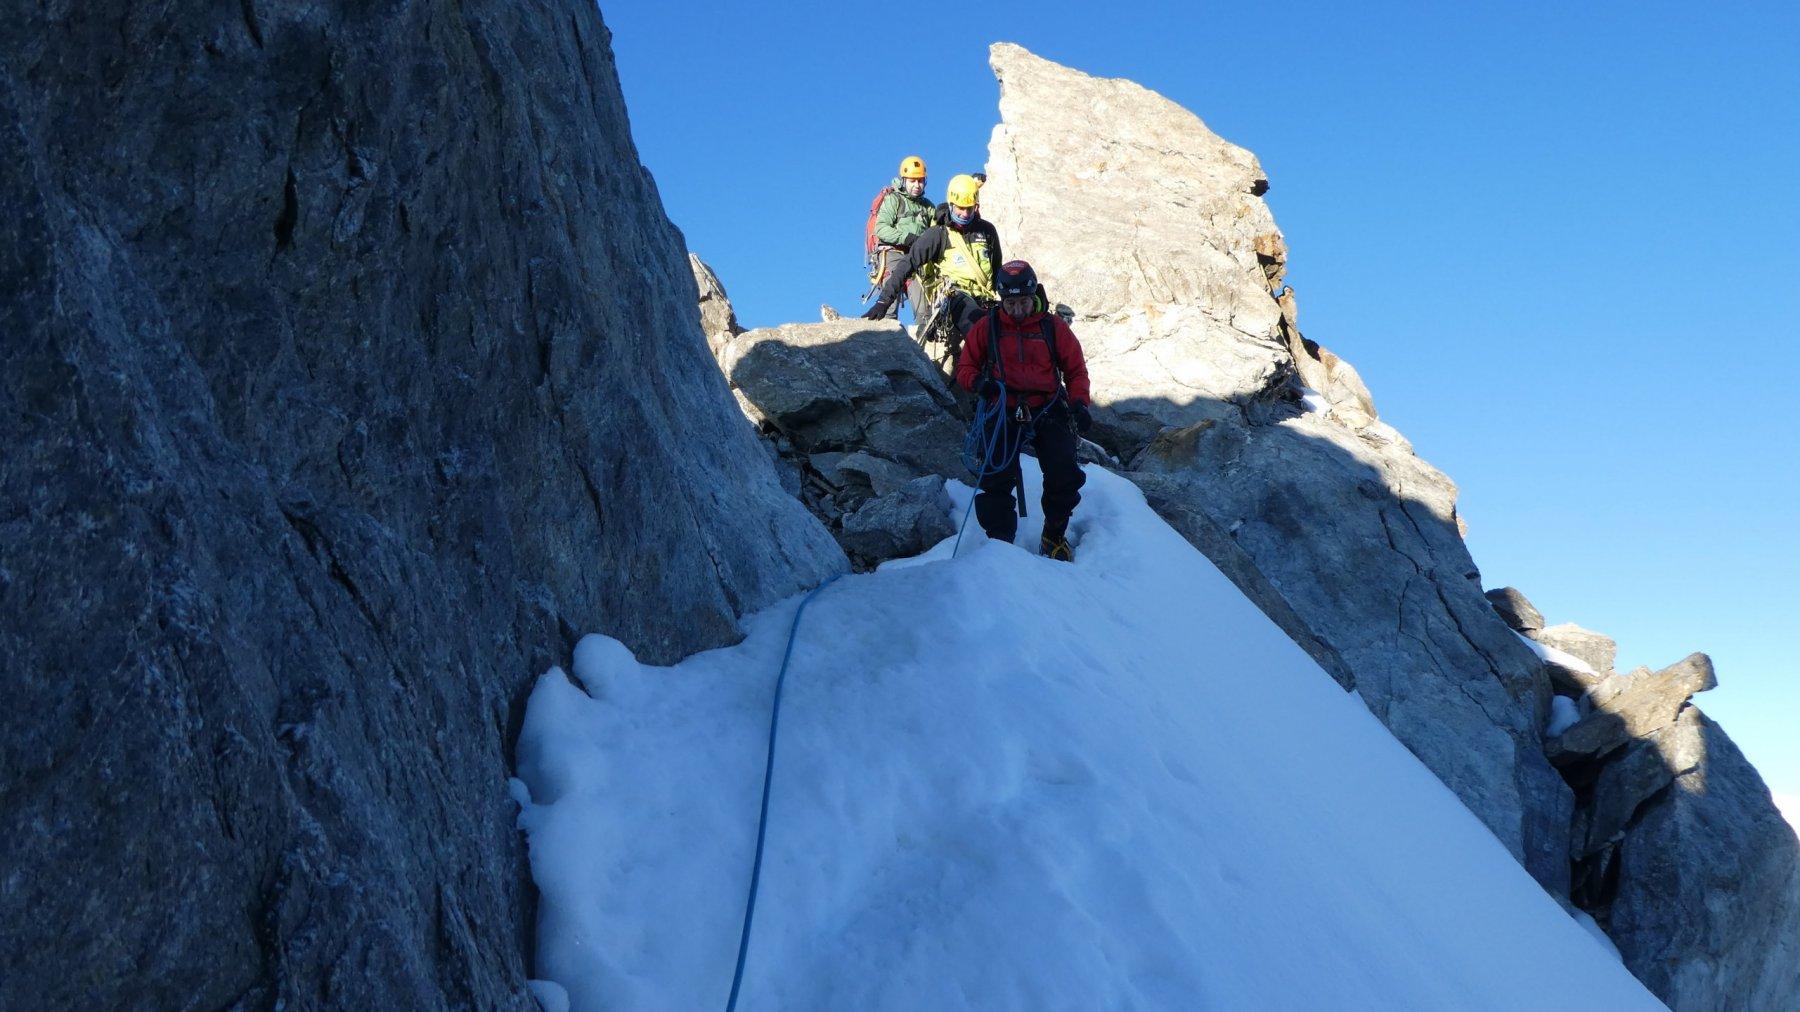 scavalcando la quota 3933 m lungo la cresta di Rochefort